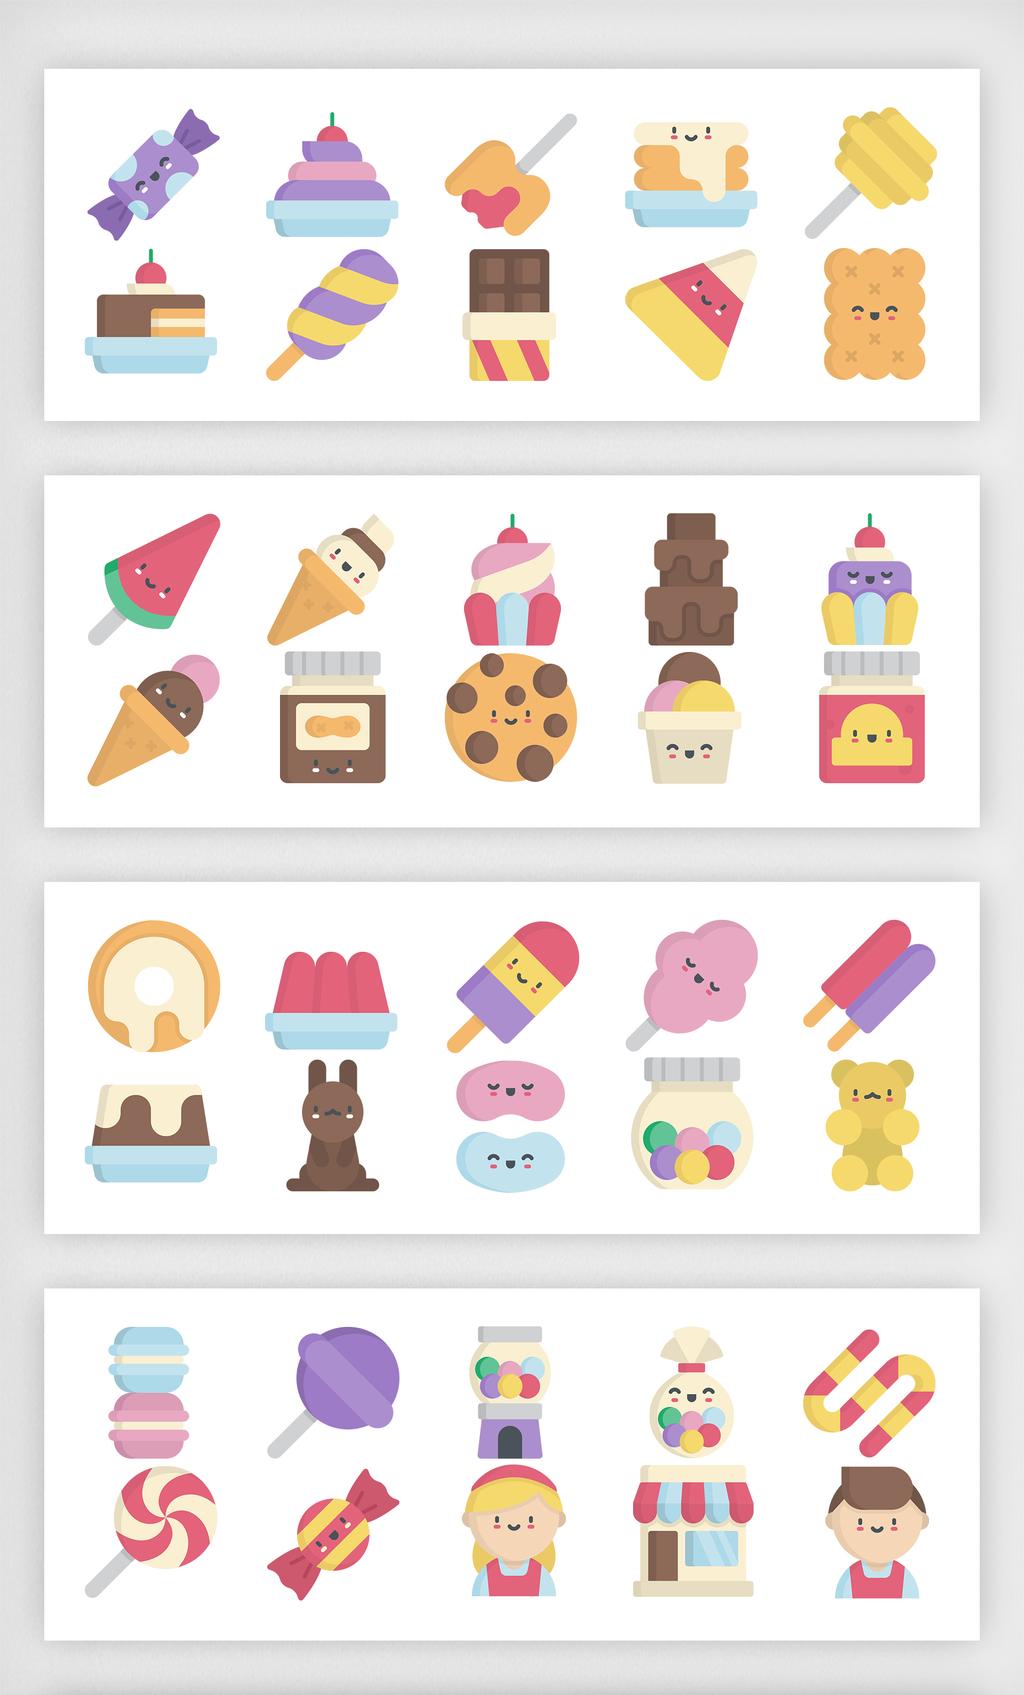 卡通食物零食图标